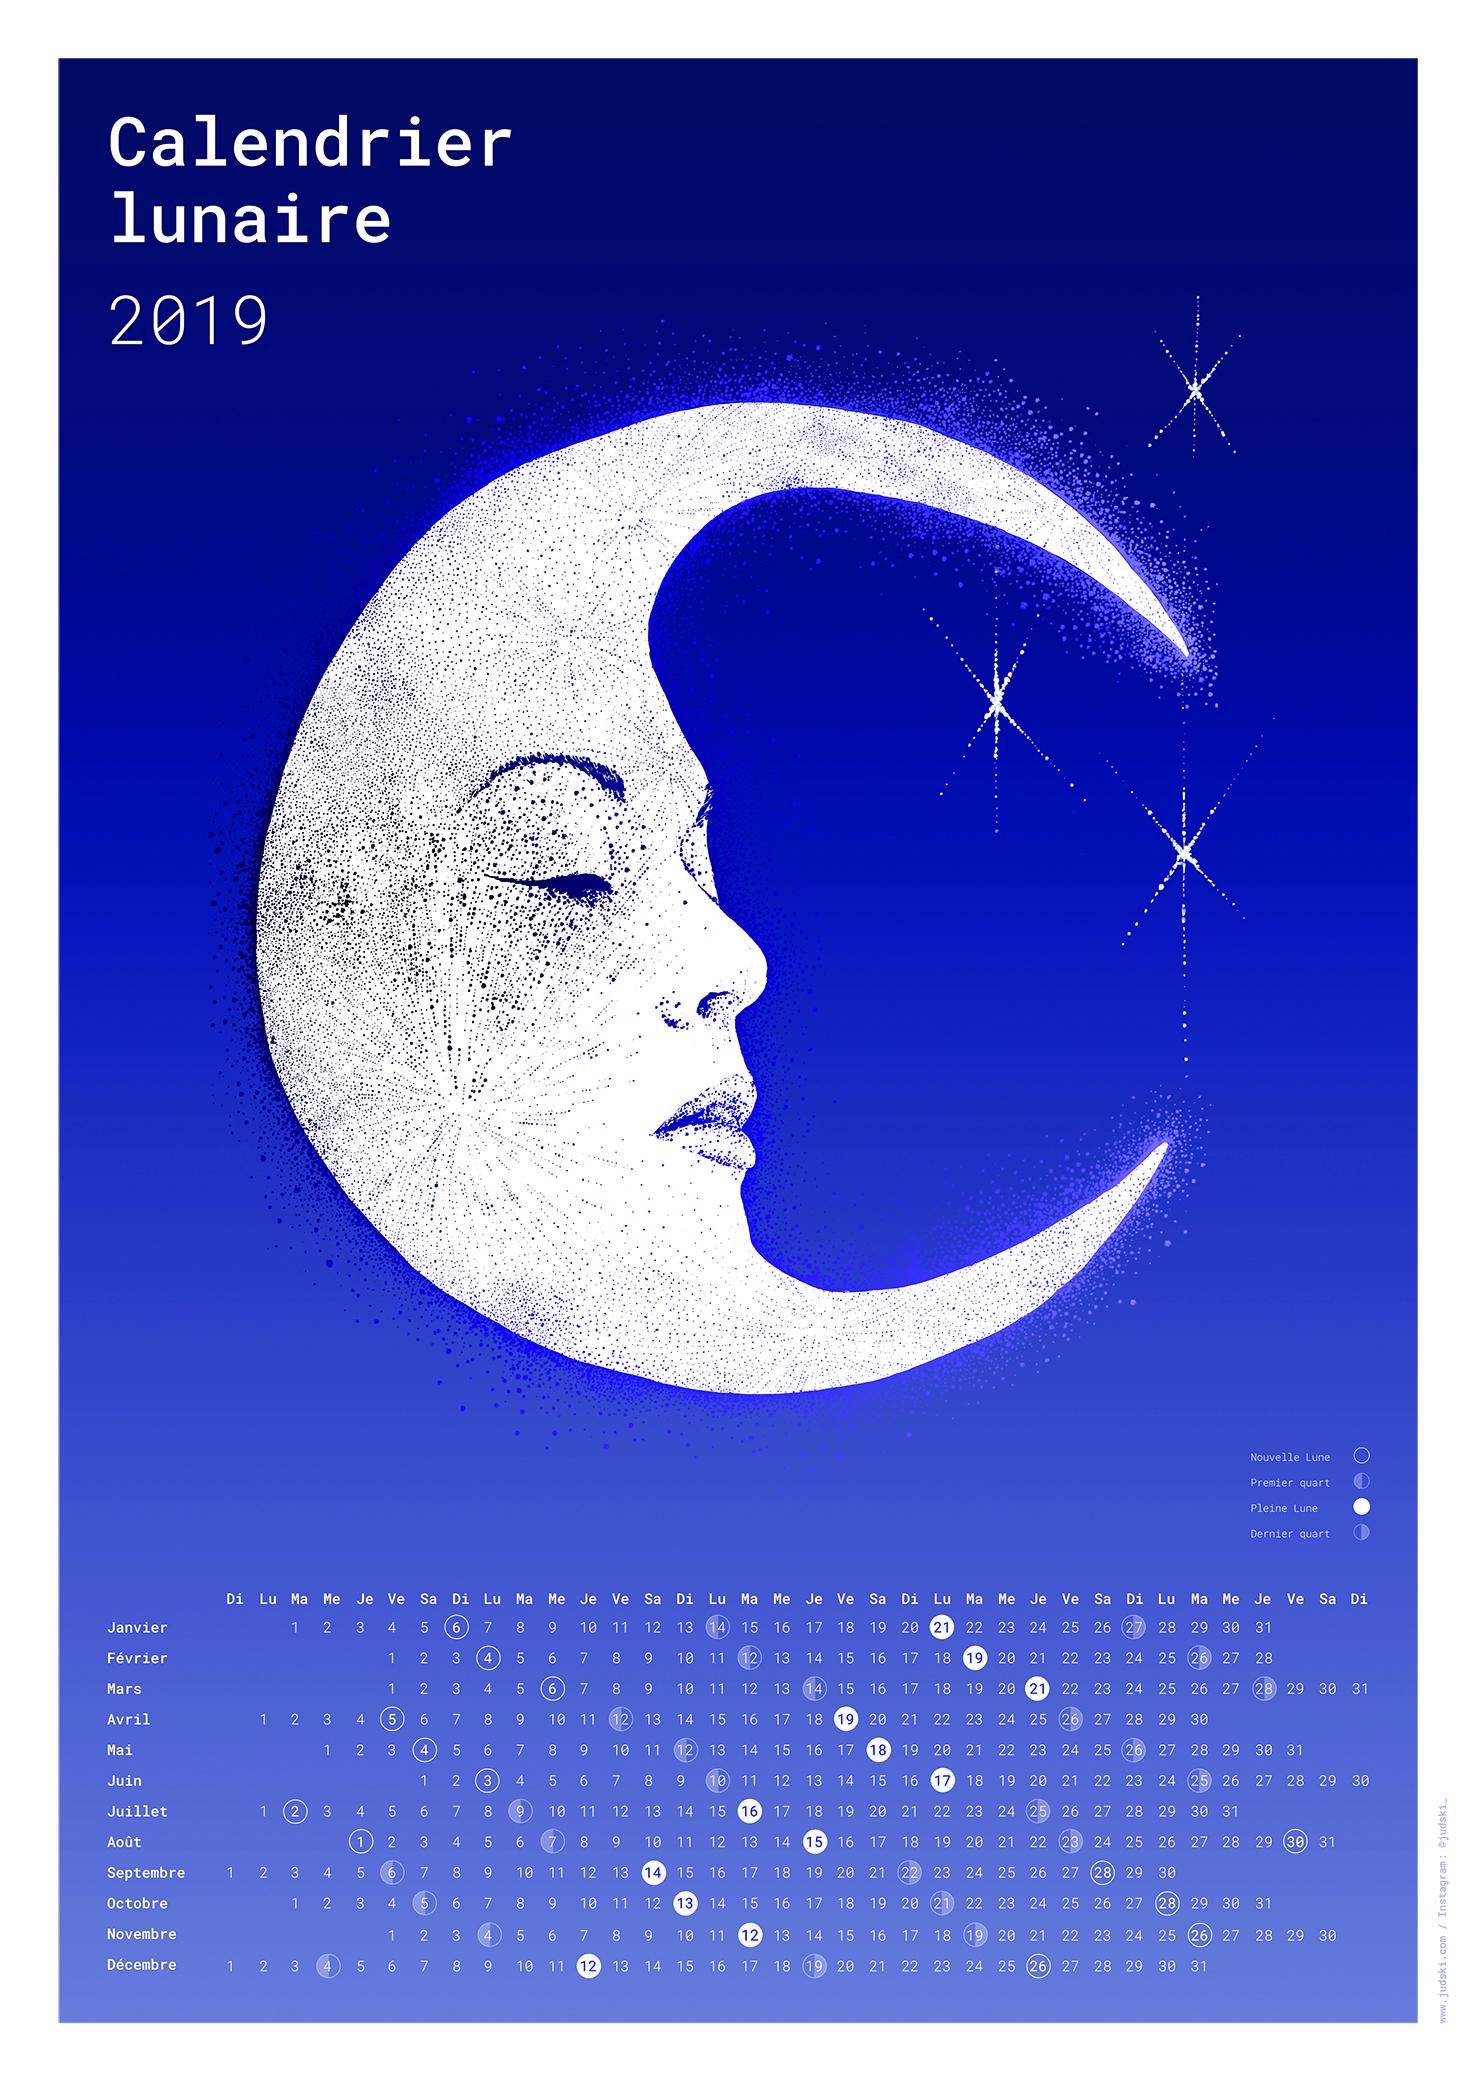 NEW - Calendrier Lunaire 2019 - Papier photo glacé, 190g/m2Format A2, 420 x 594 mm40.-, sur commande ou dispo au studio+5.- de frais de port pour la Suisse